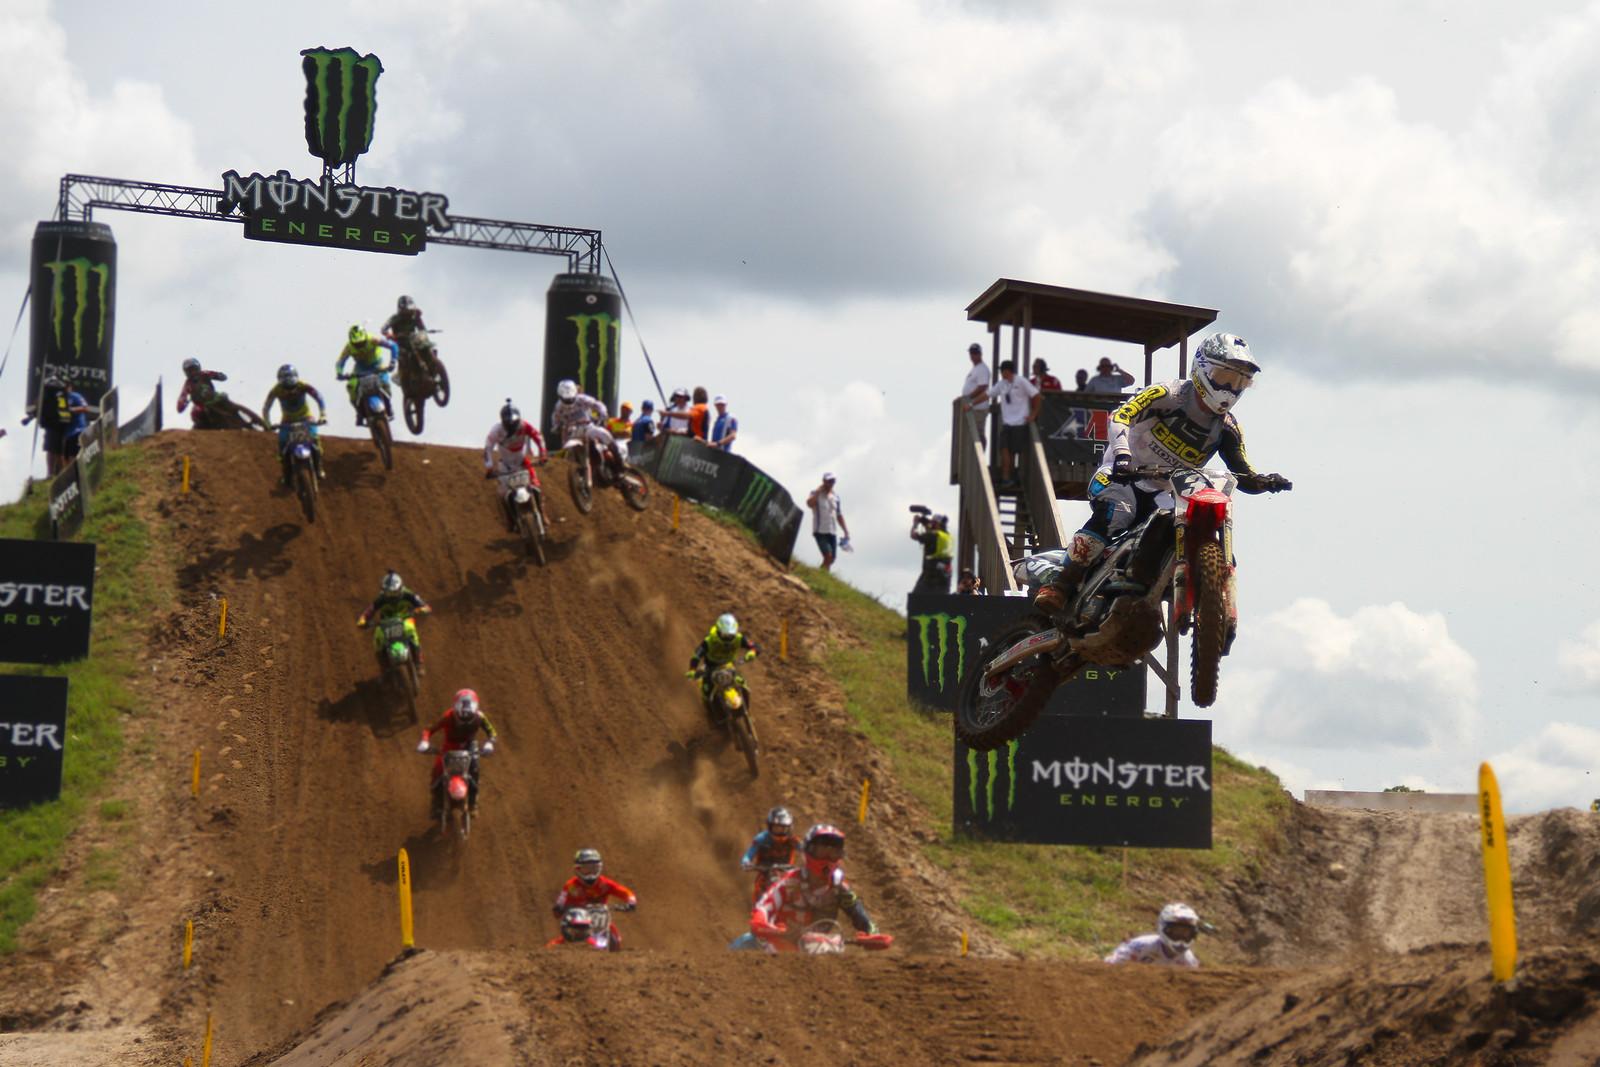 RJ Hampshire - ayearinmx - Motocross Pictures - Vital MX